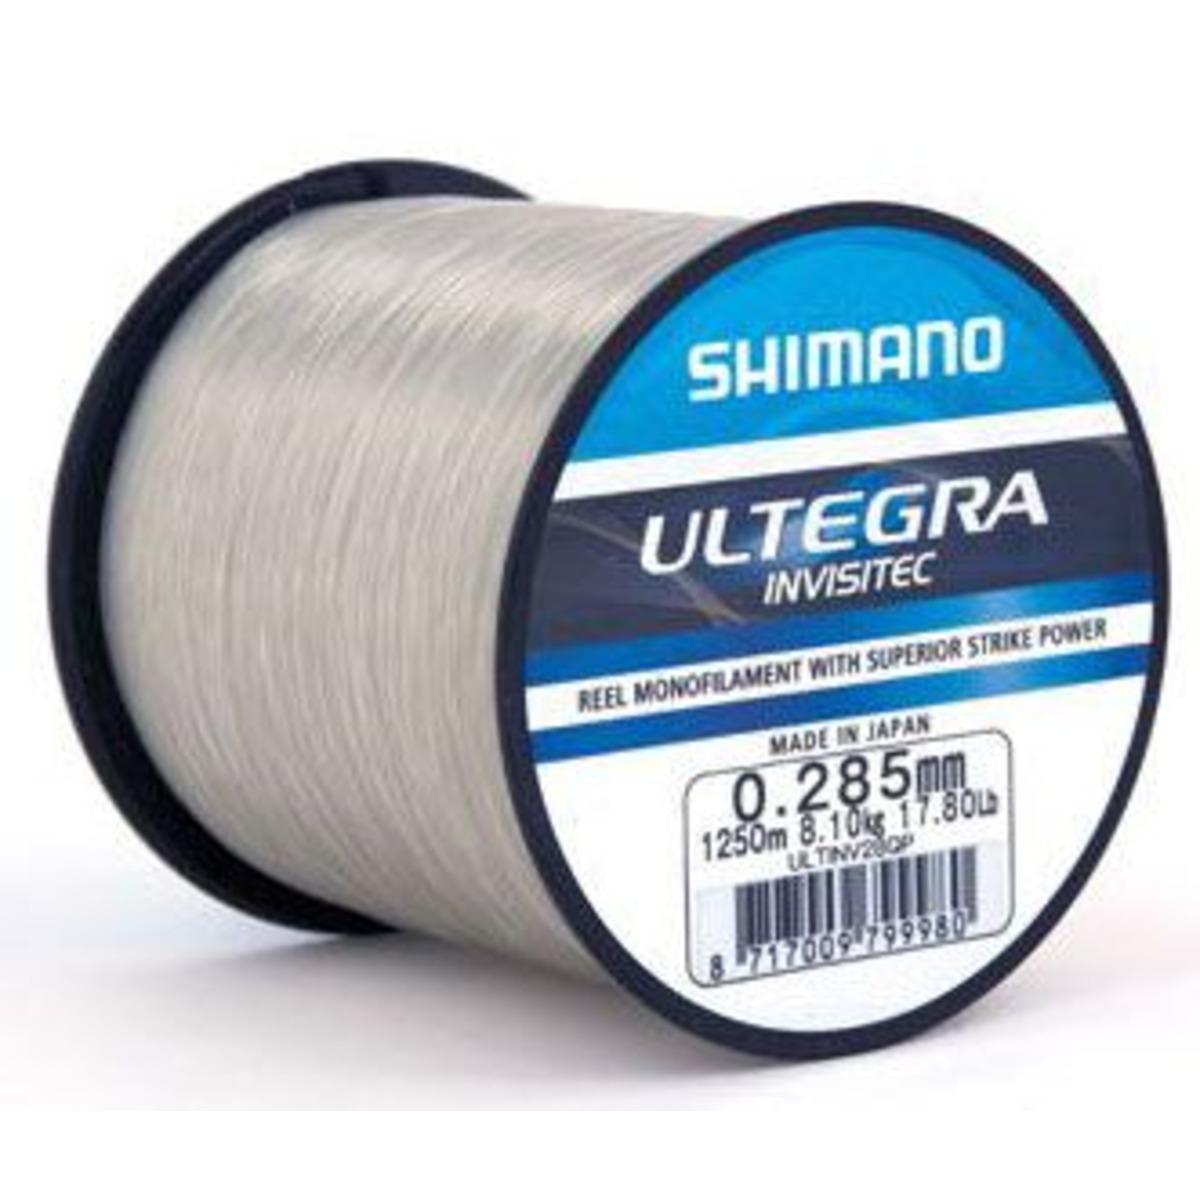 Shimano Ultegra Invisitec QP - 0.225 mm - 1920 m